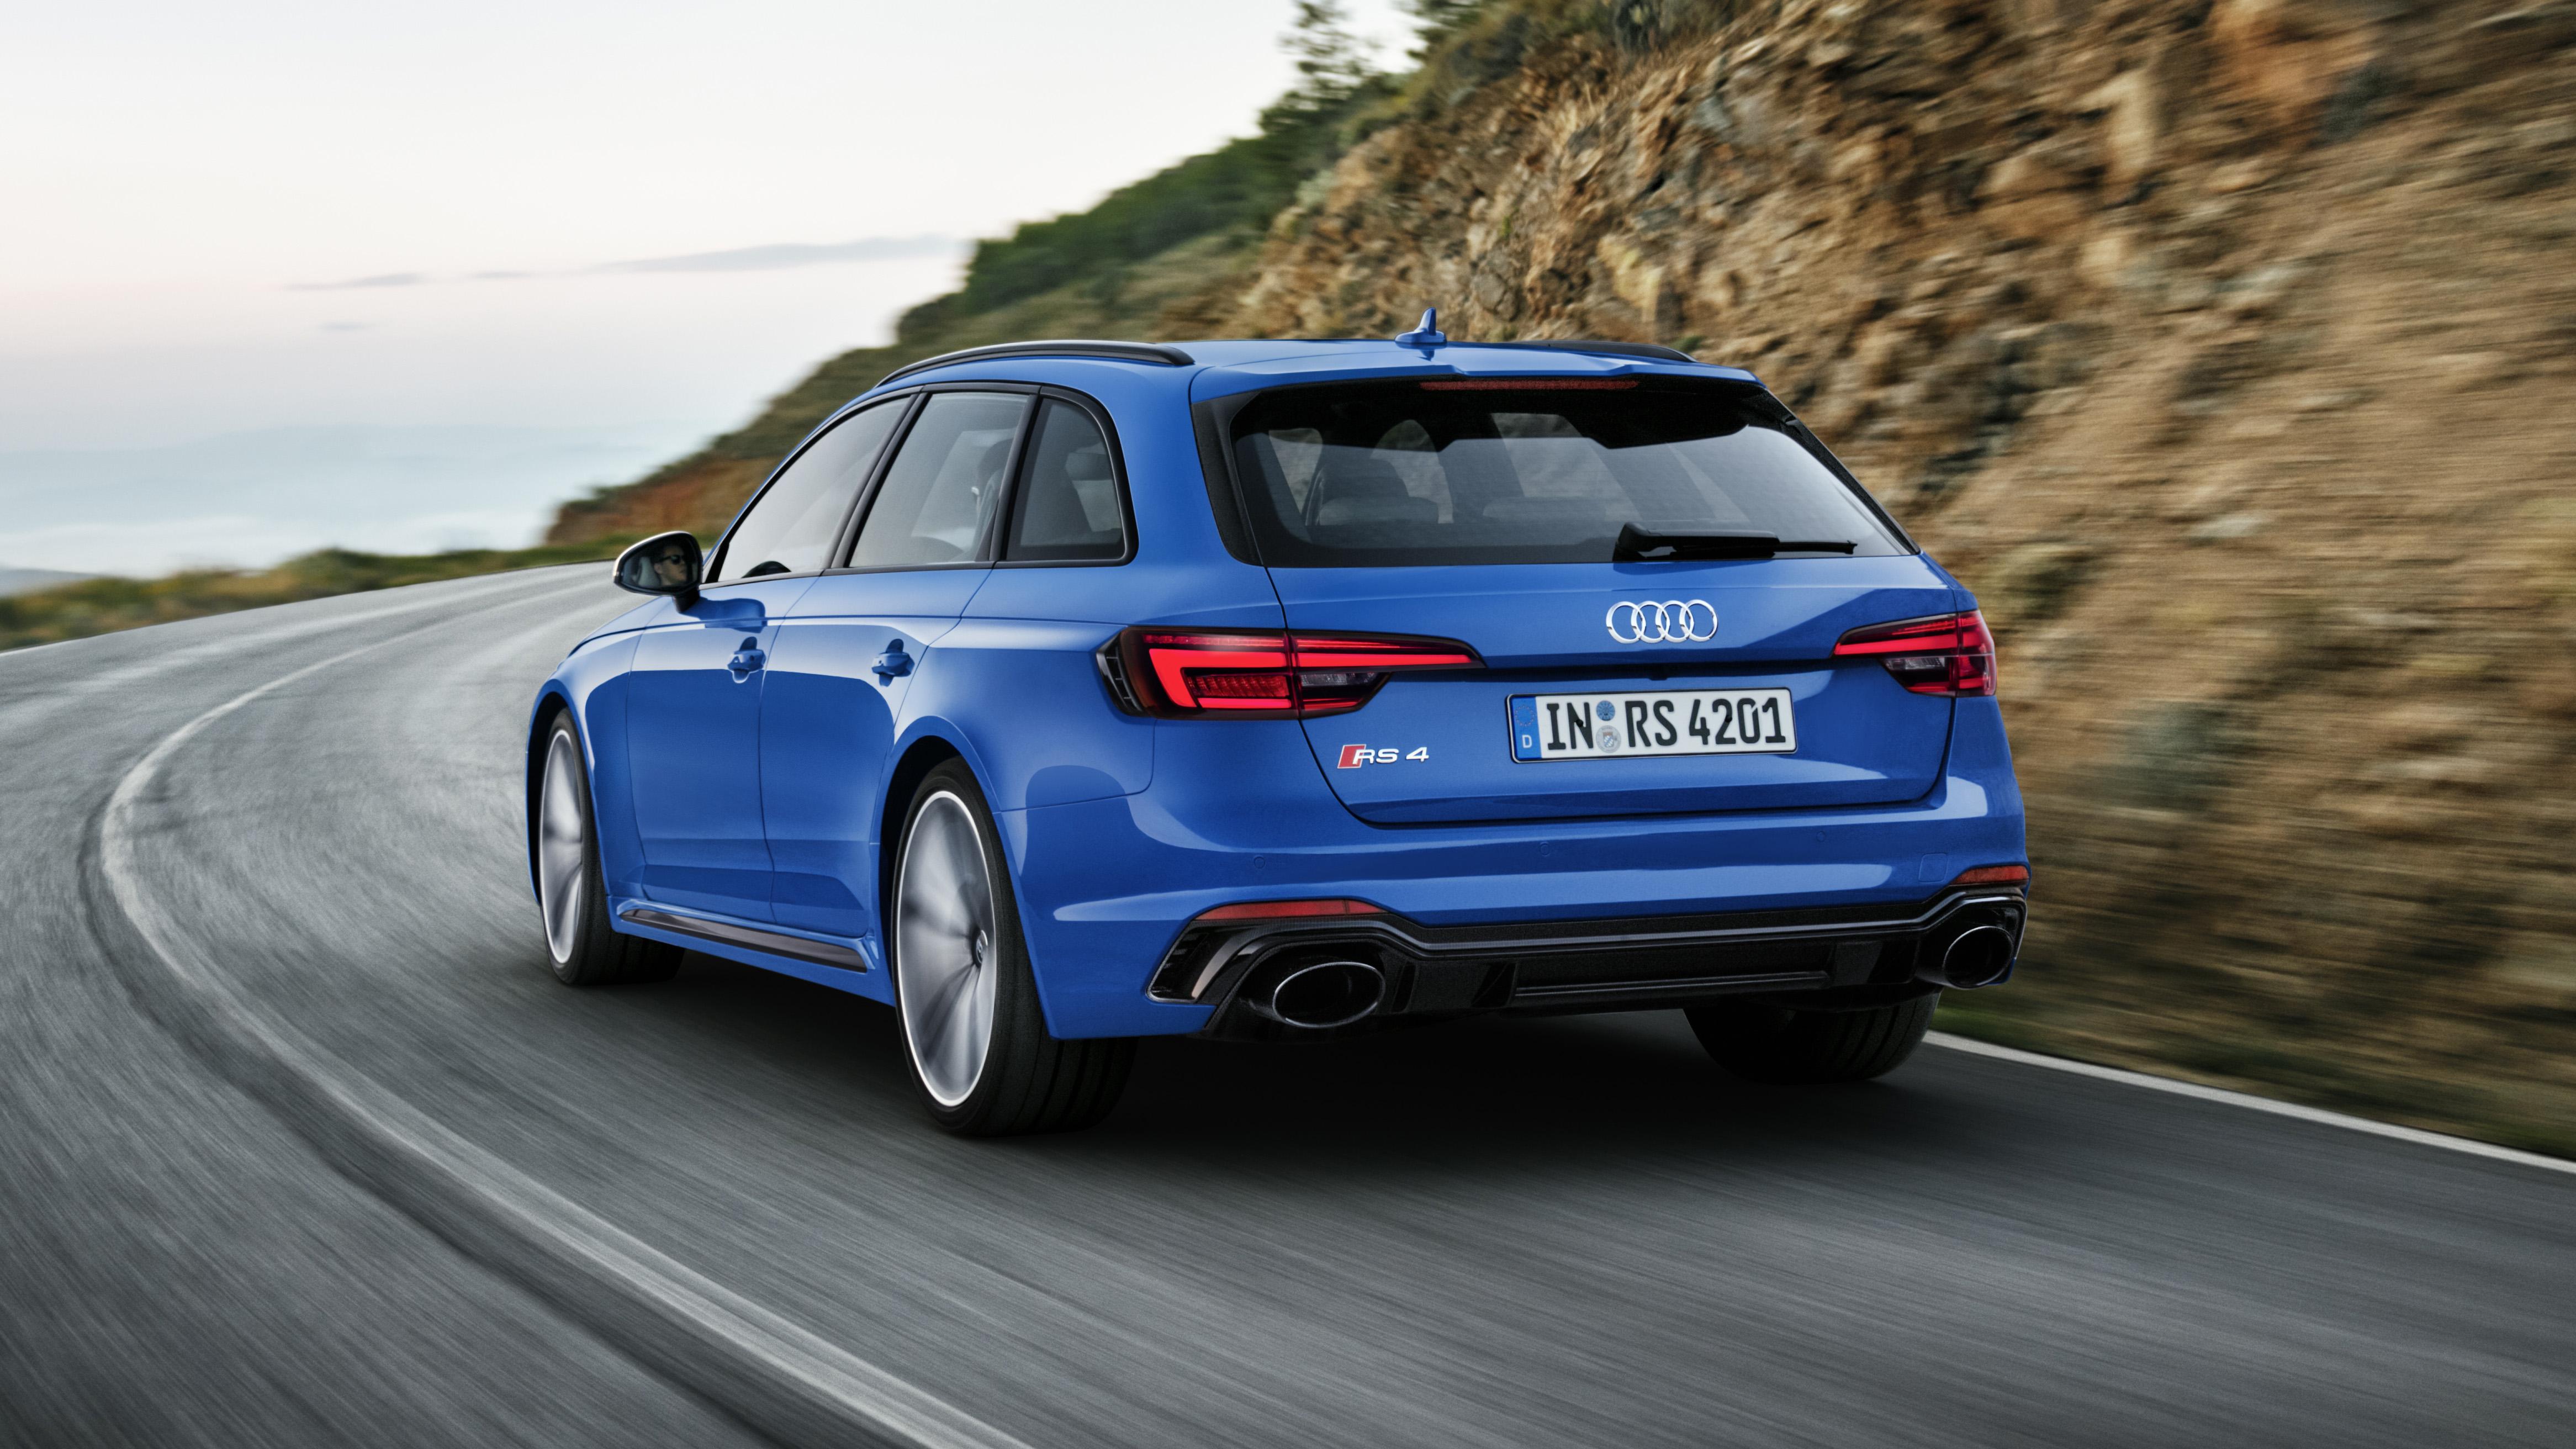 Audi RS4 rear quarter